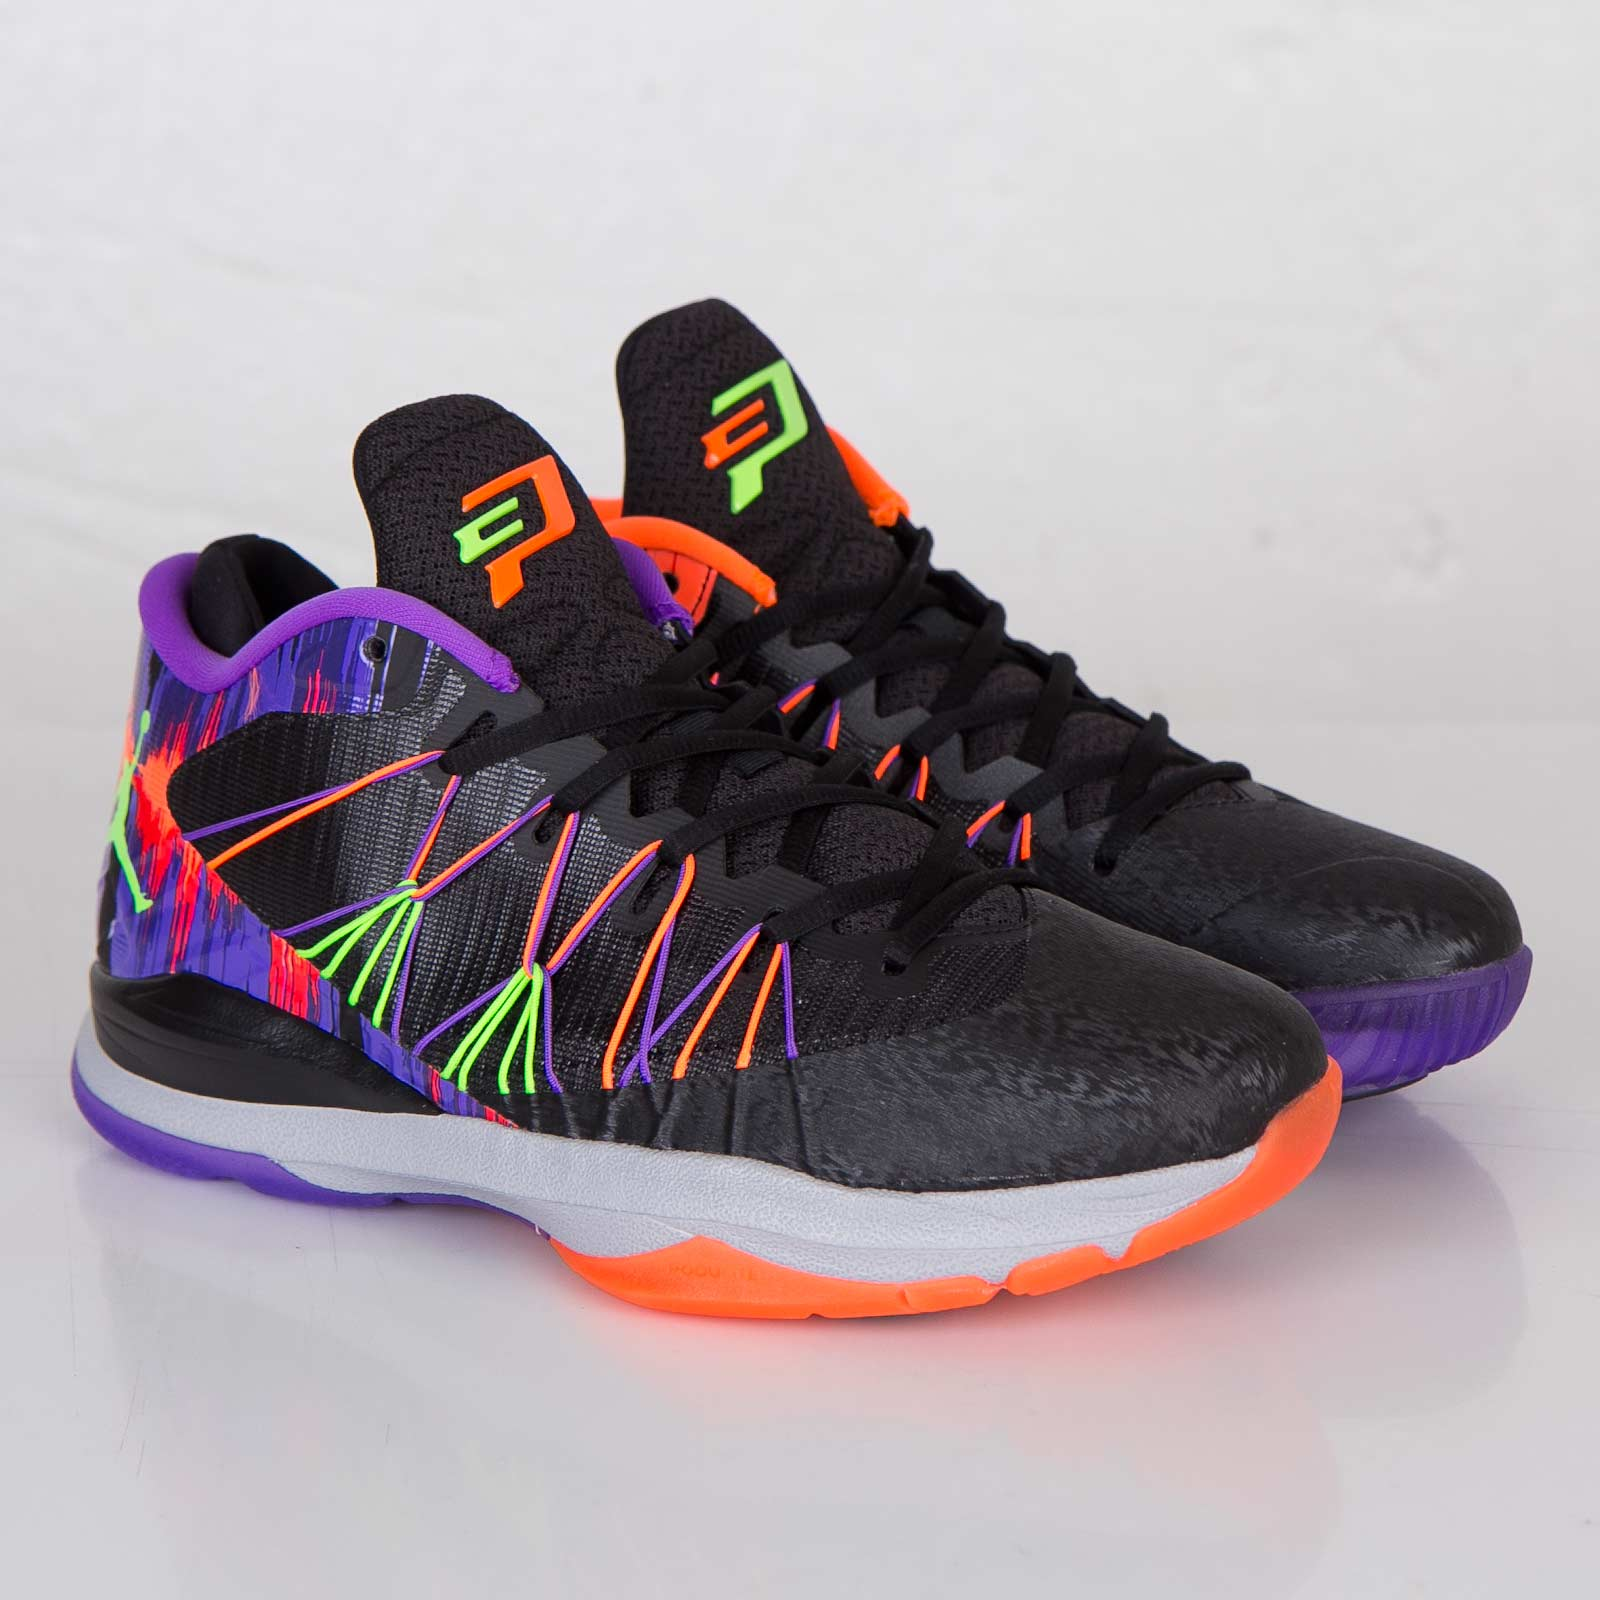 promo code 48104 c5efd Jordan Brand Jordan CP3.VII AE